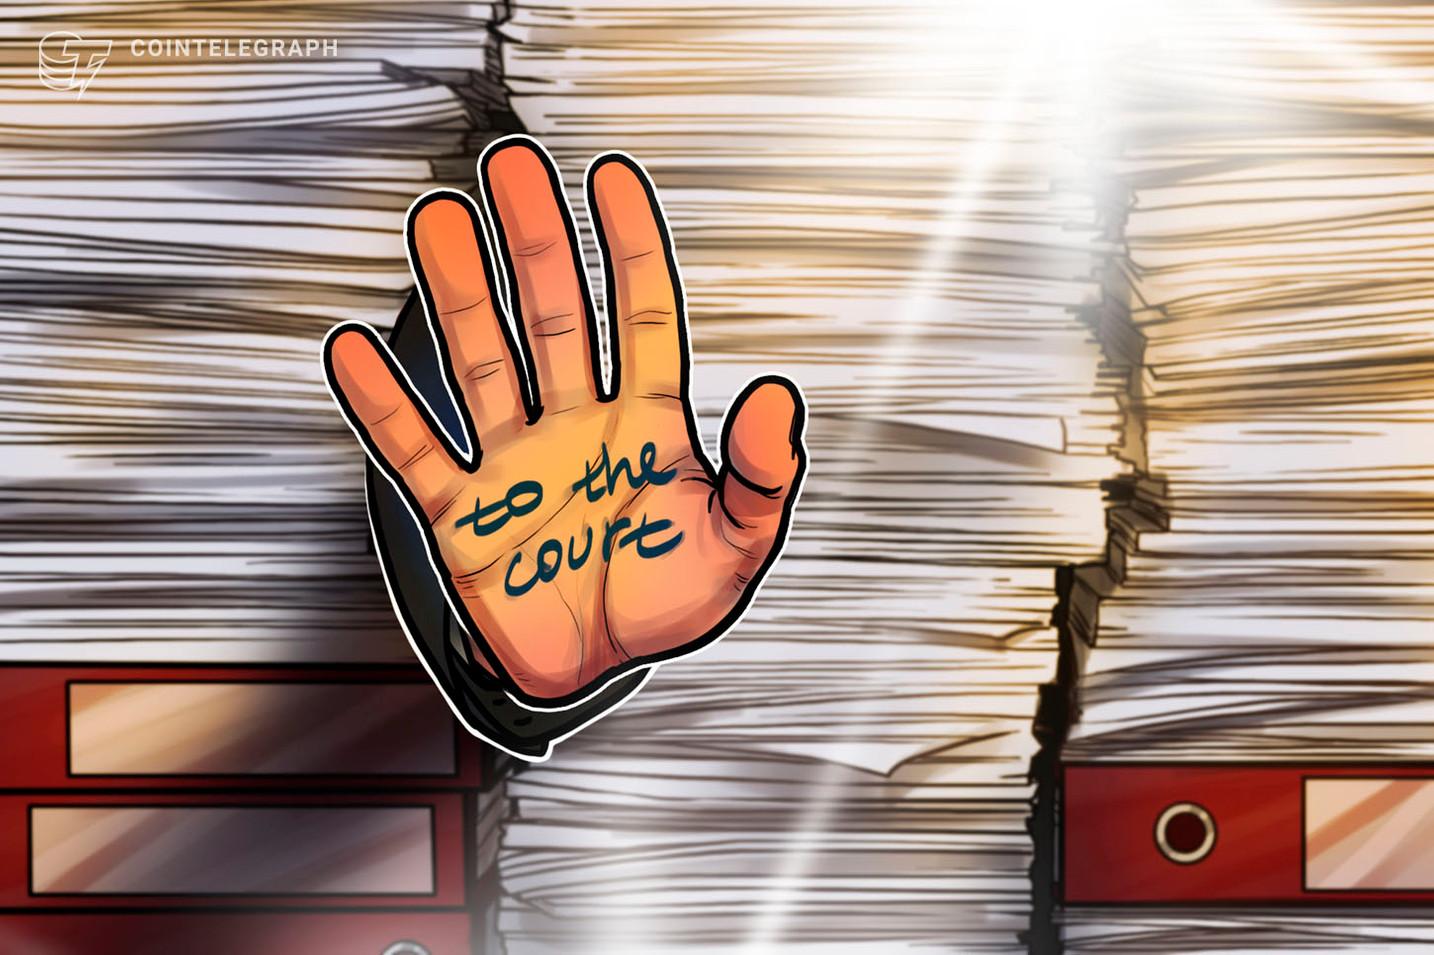 Sammelklage gegen Binance: Verstoß gegen eigene Futures-Handelsregeln